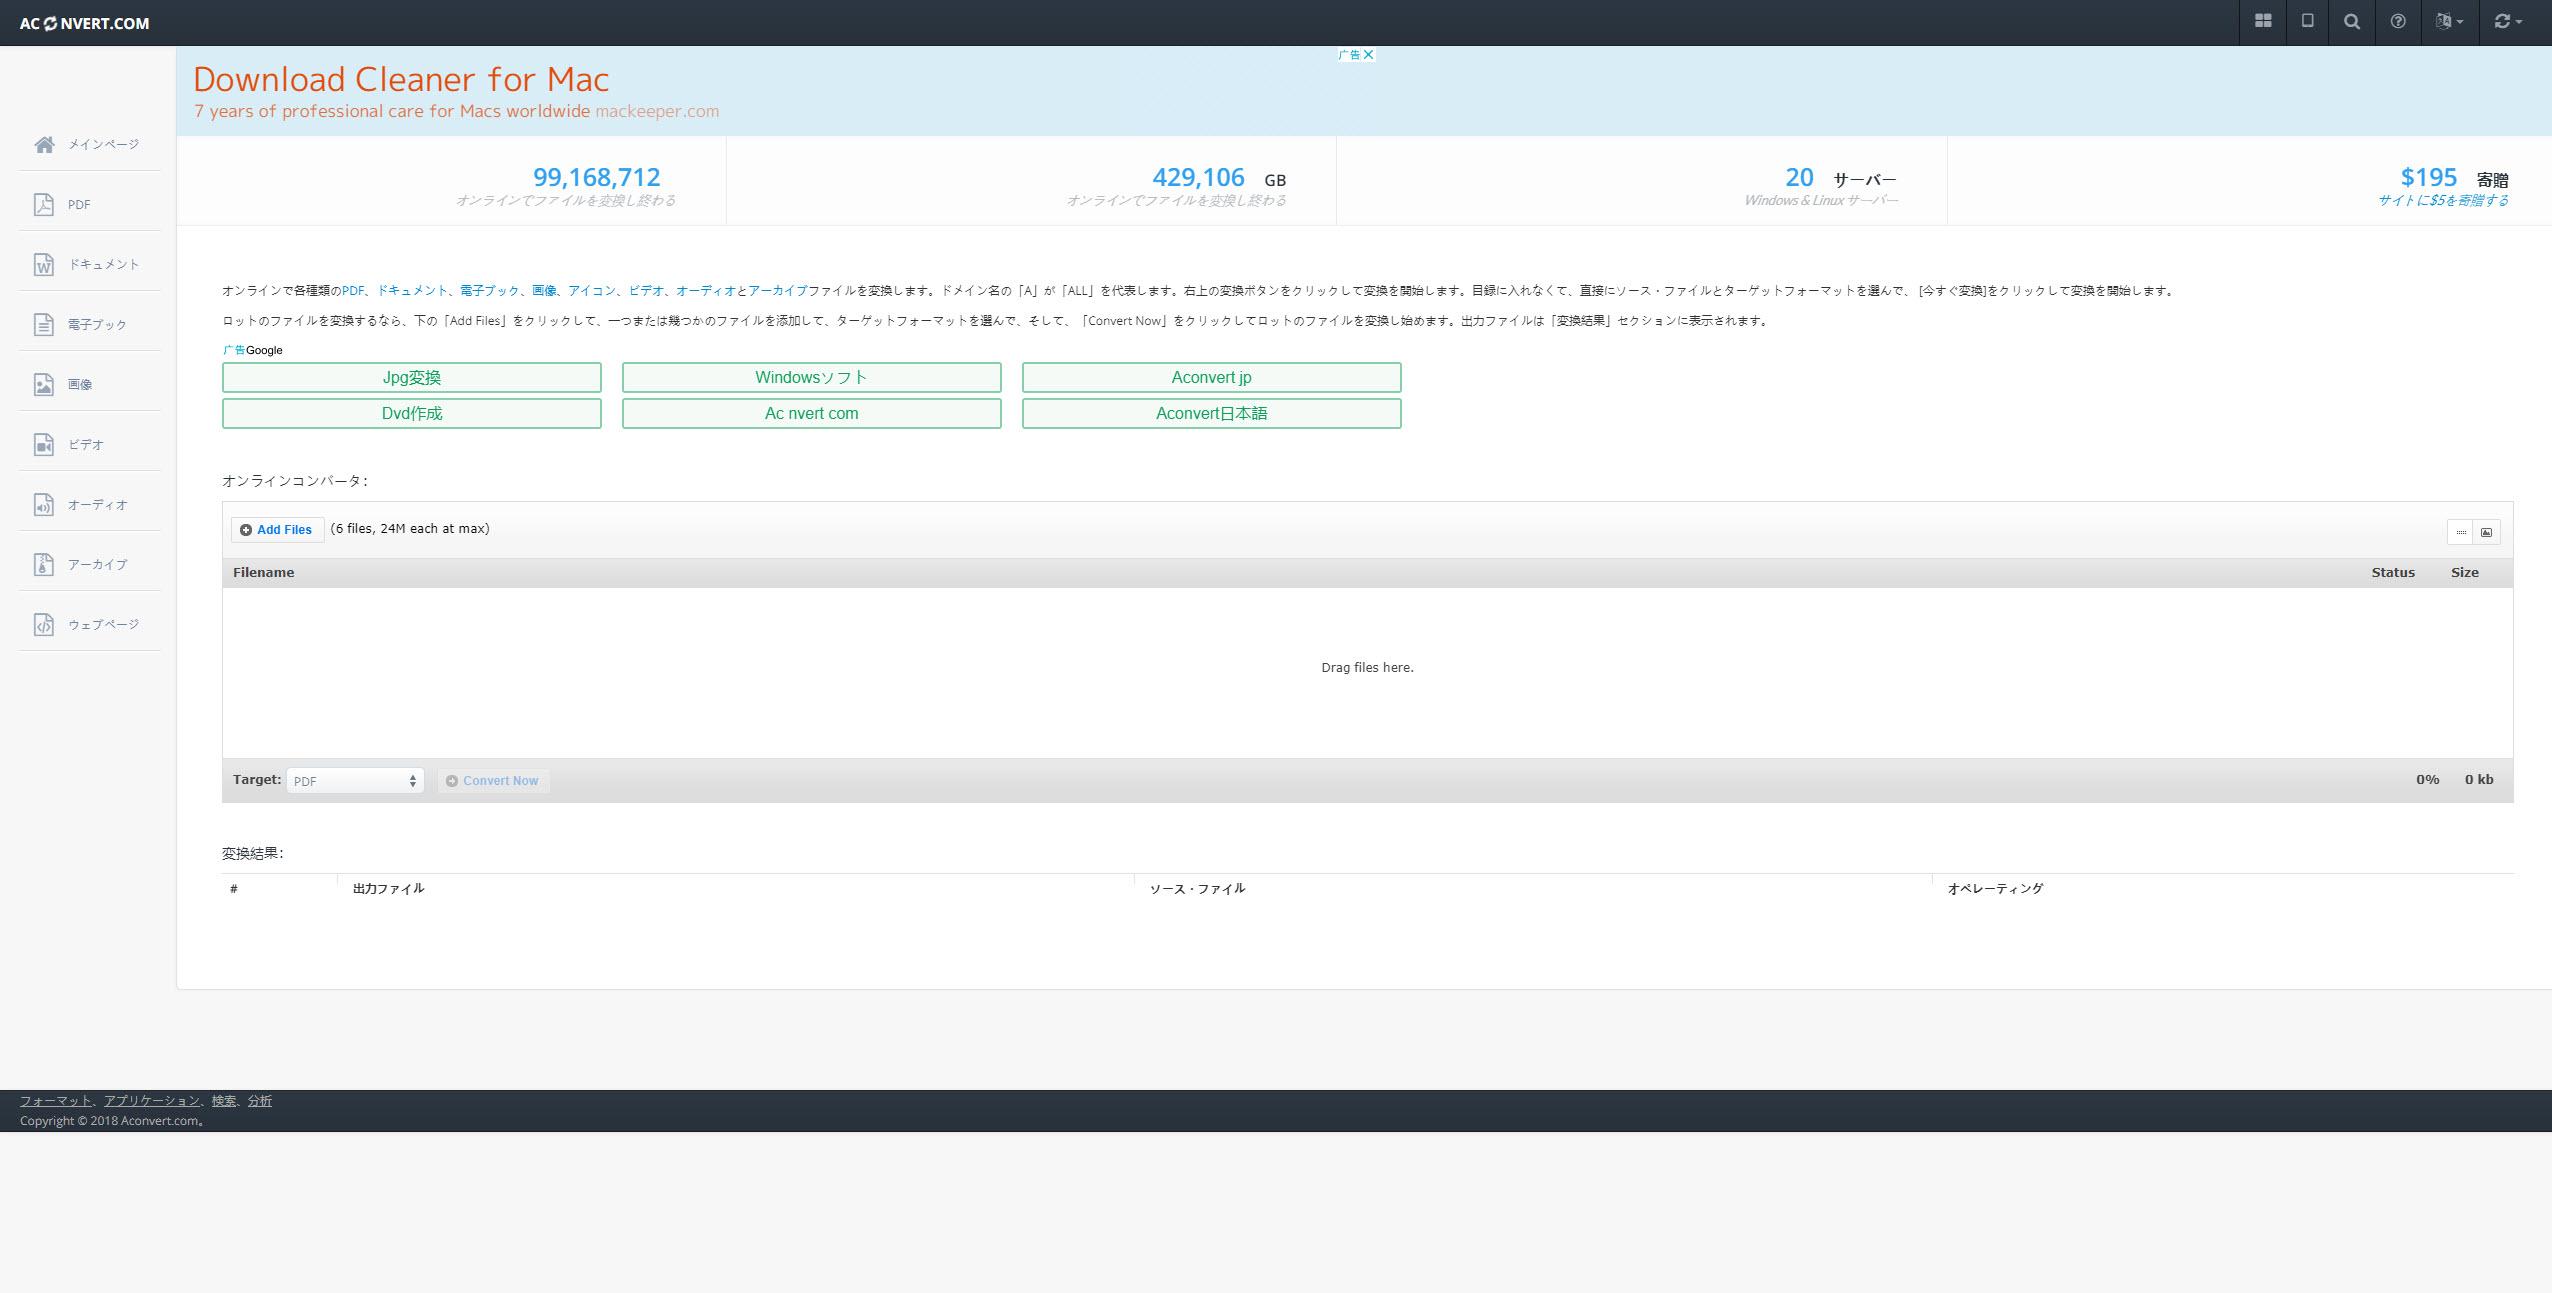 mp4をmp3に変換できる無料サイト:Aconvert.com